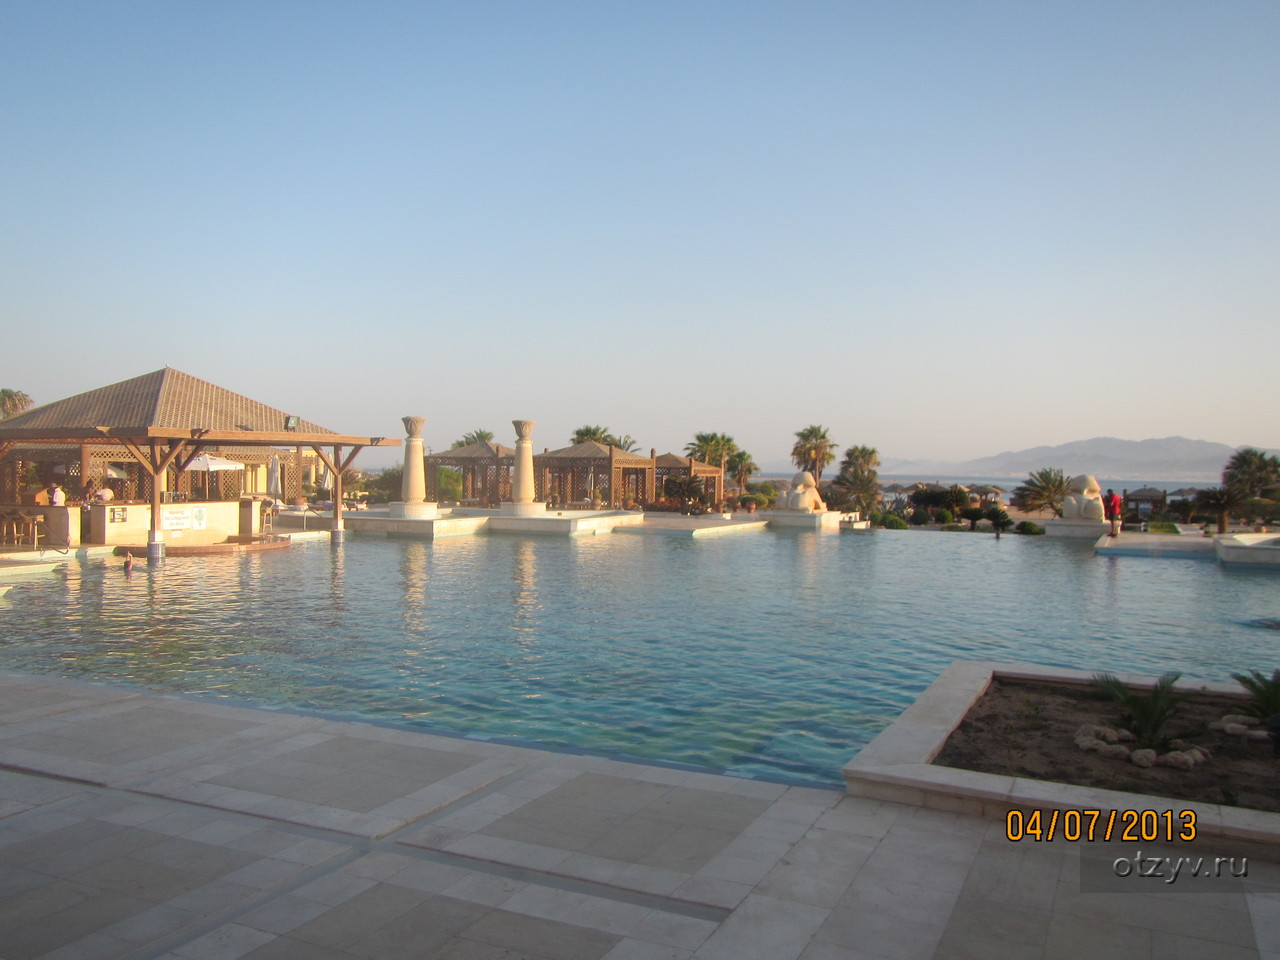 схема расположения номеров в отеле риф оазис бич ресорт